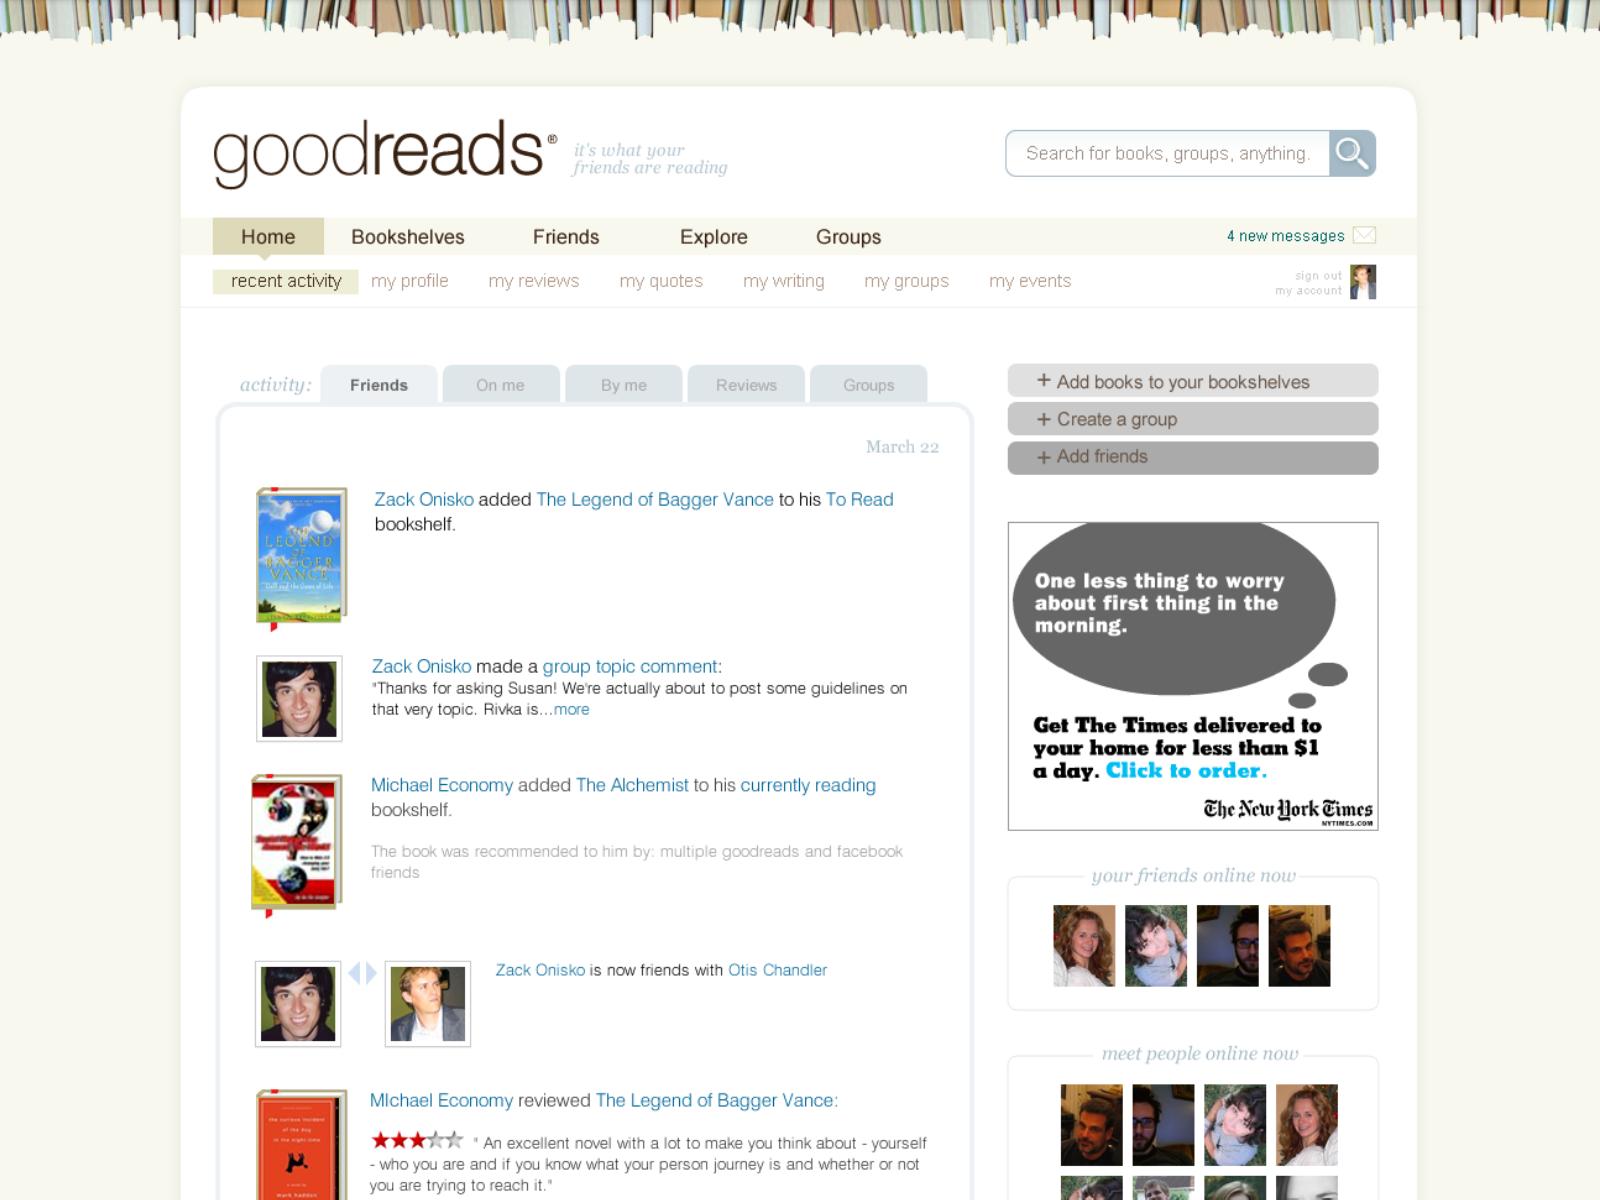 Goodreads screenshot 1600x1200